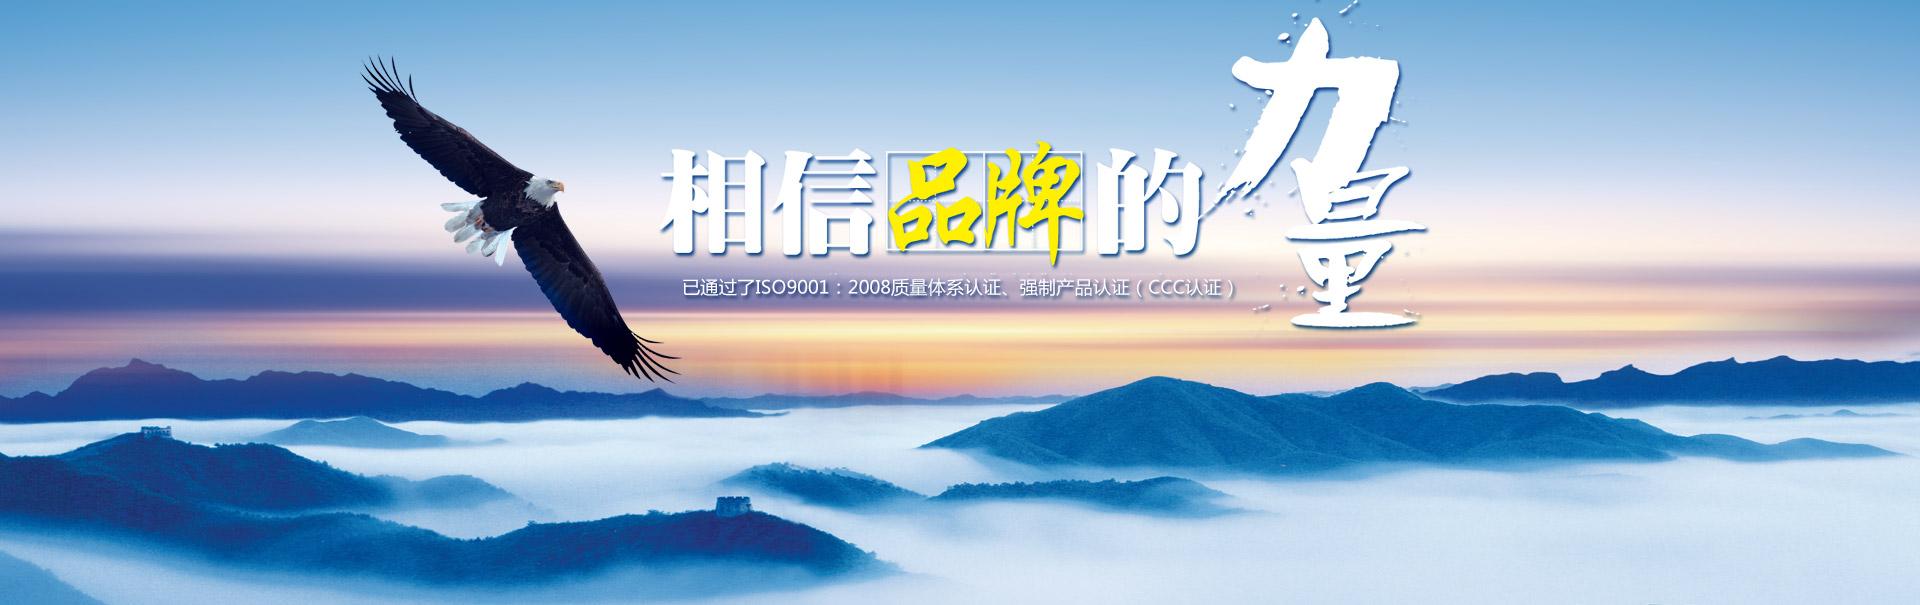 营口华侨通讯电线电缆有限公司